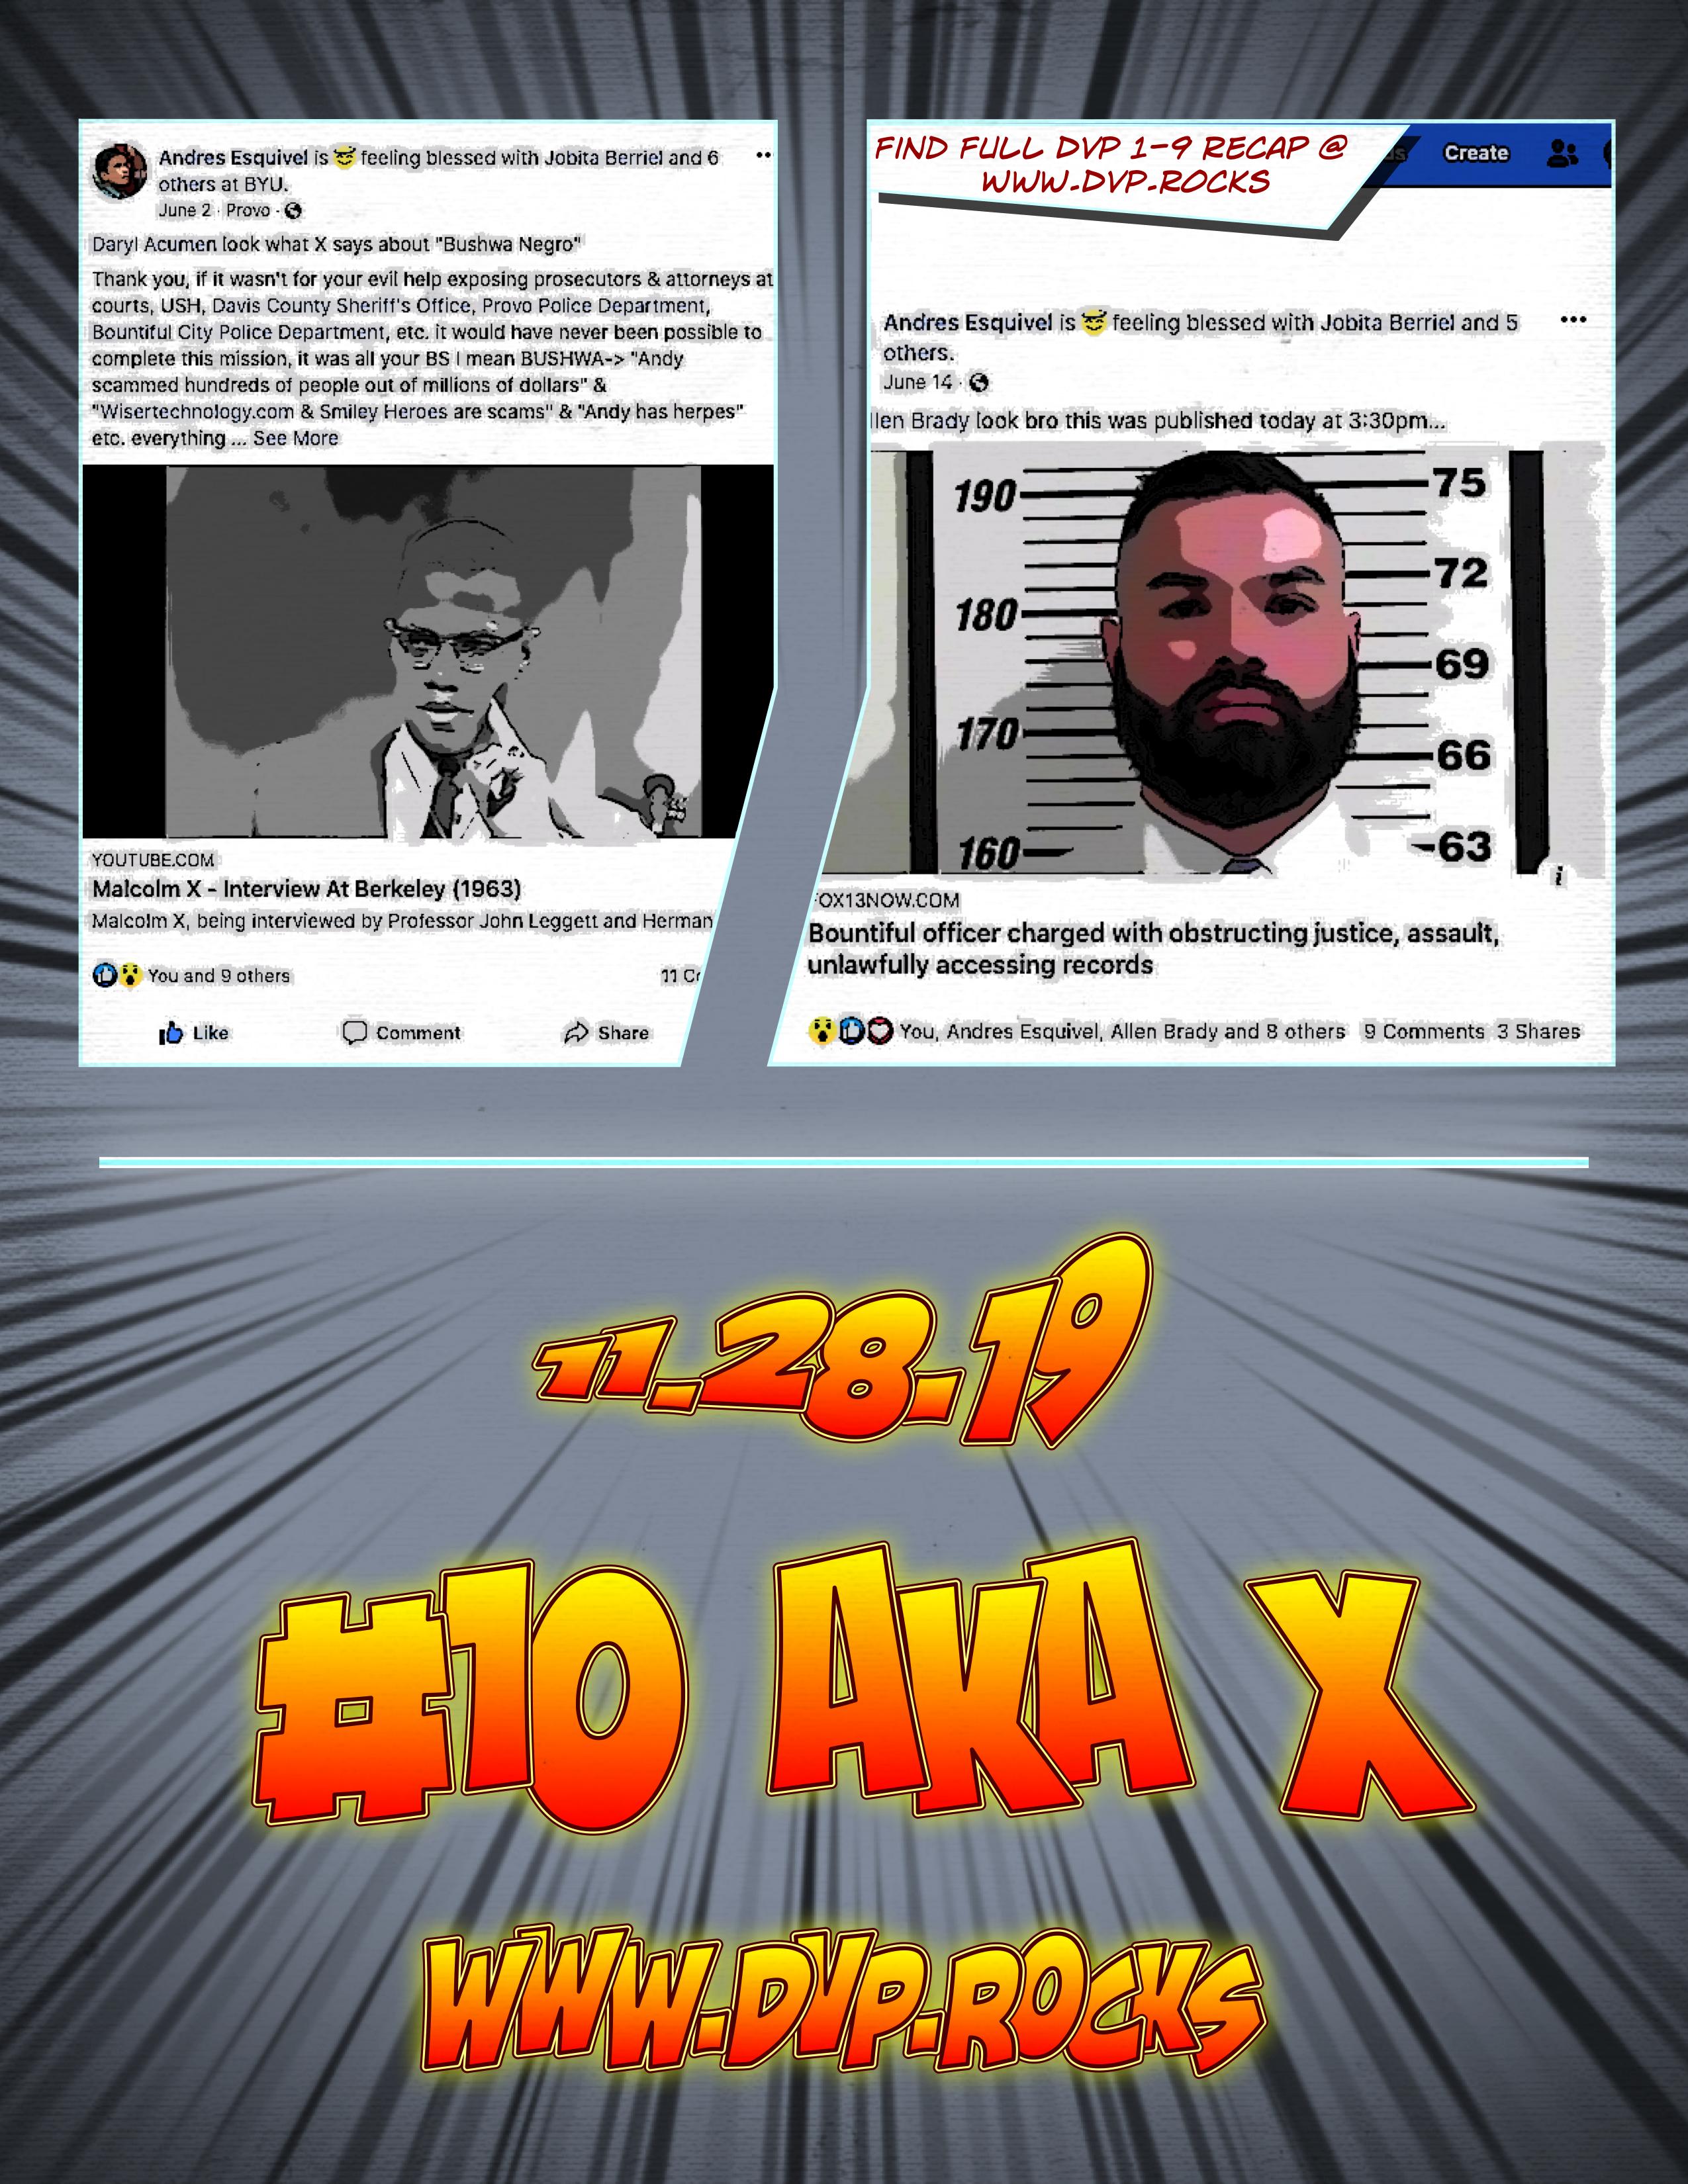 DVP COMIC #1-9 RECAP